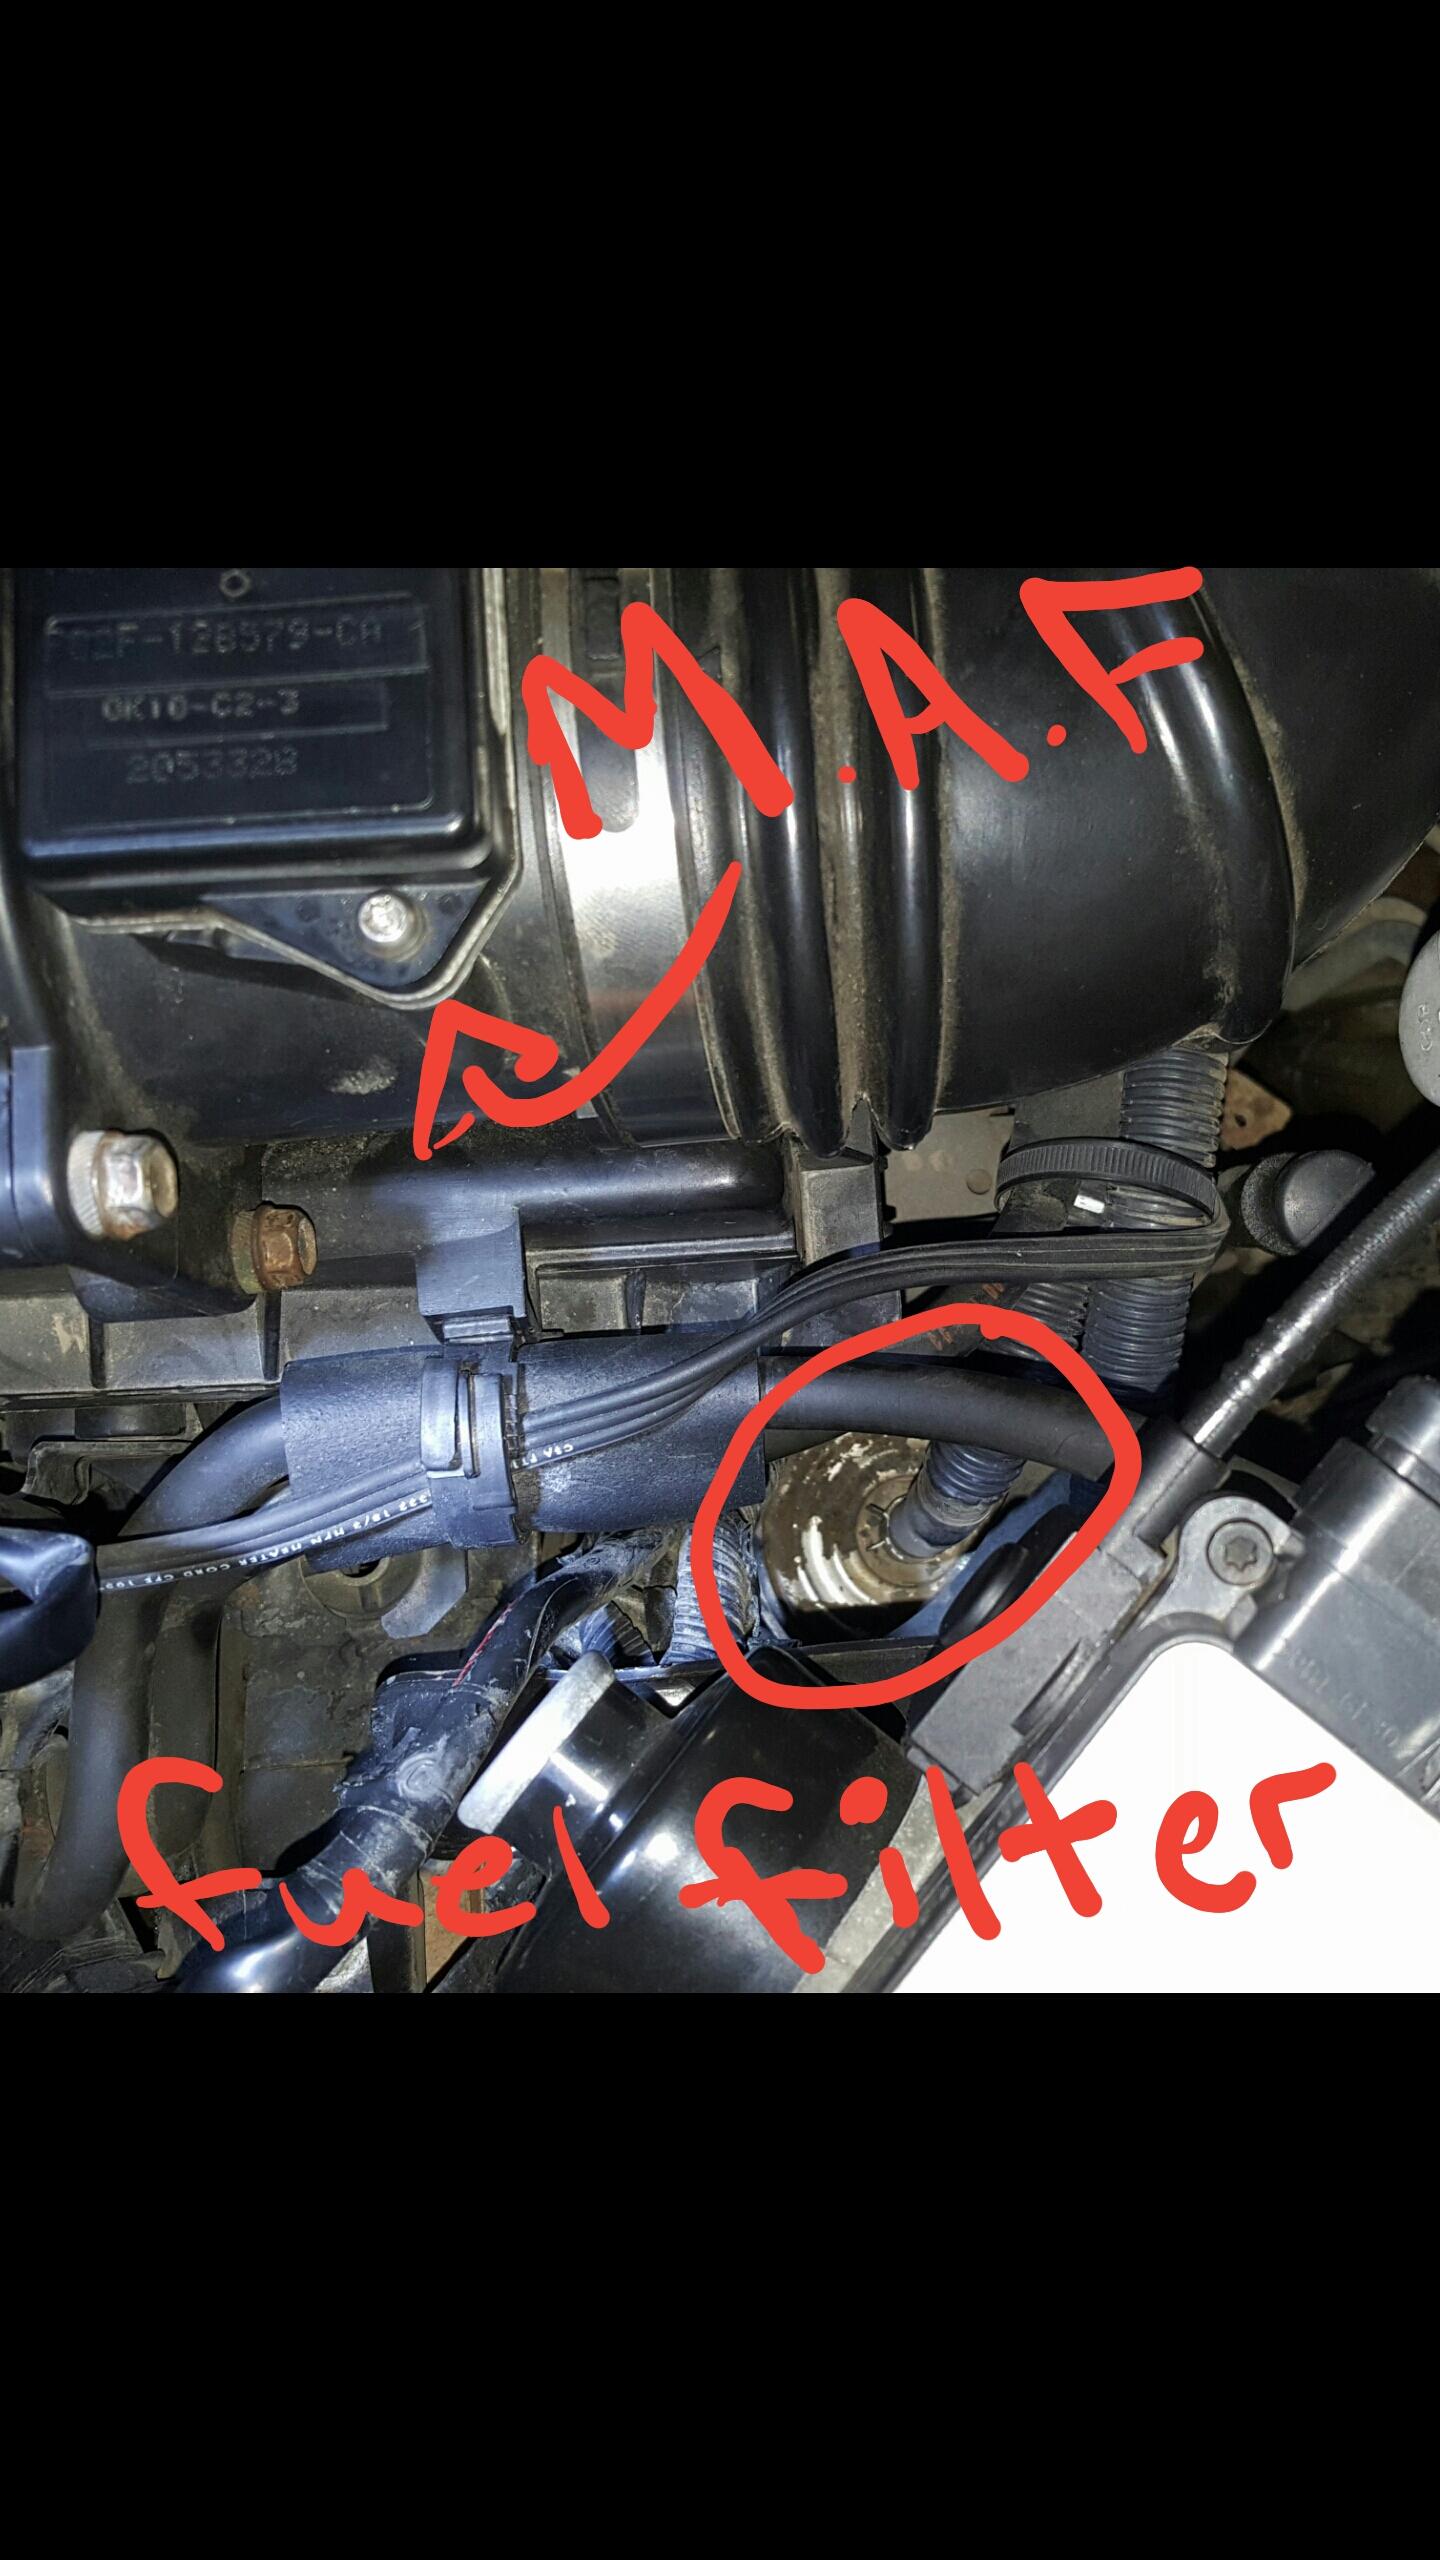 2002 Mazda 626 Fuel Filter - Scion Xa Wiring Diagram Filetype Pdf -  foreman.tukune.jeanjaures37.fr | 99 Mazda 626 Fuel Filter |  | Wiring Diagram Resource